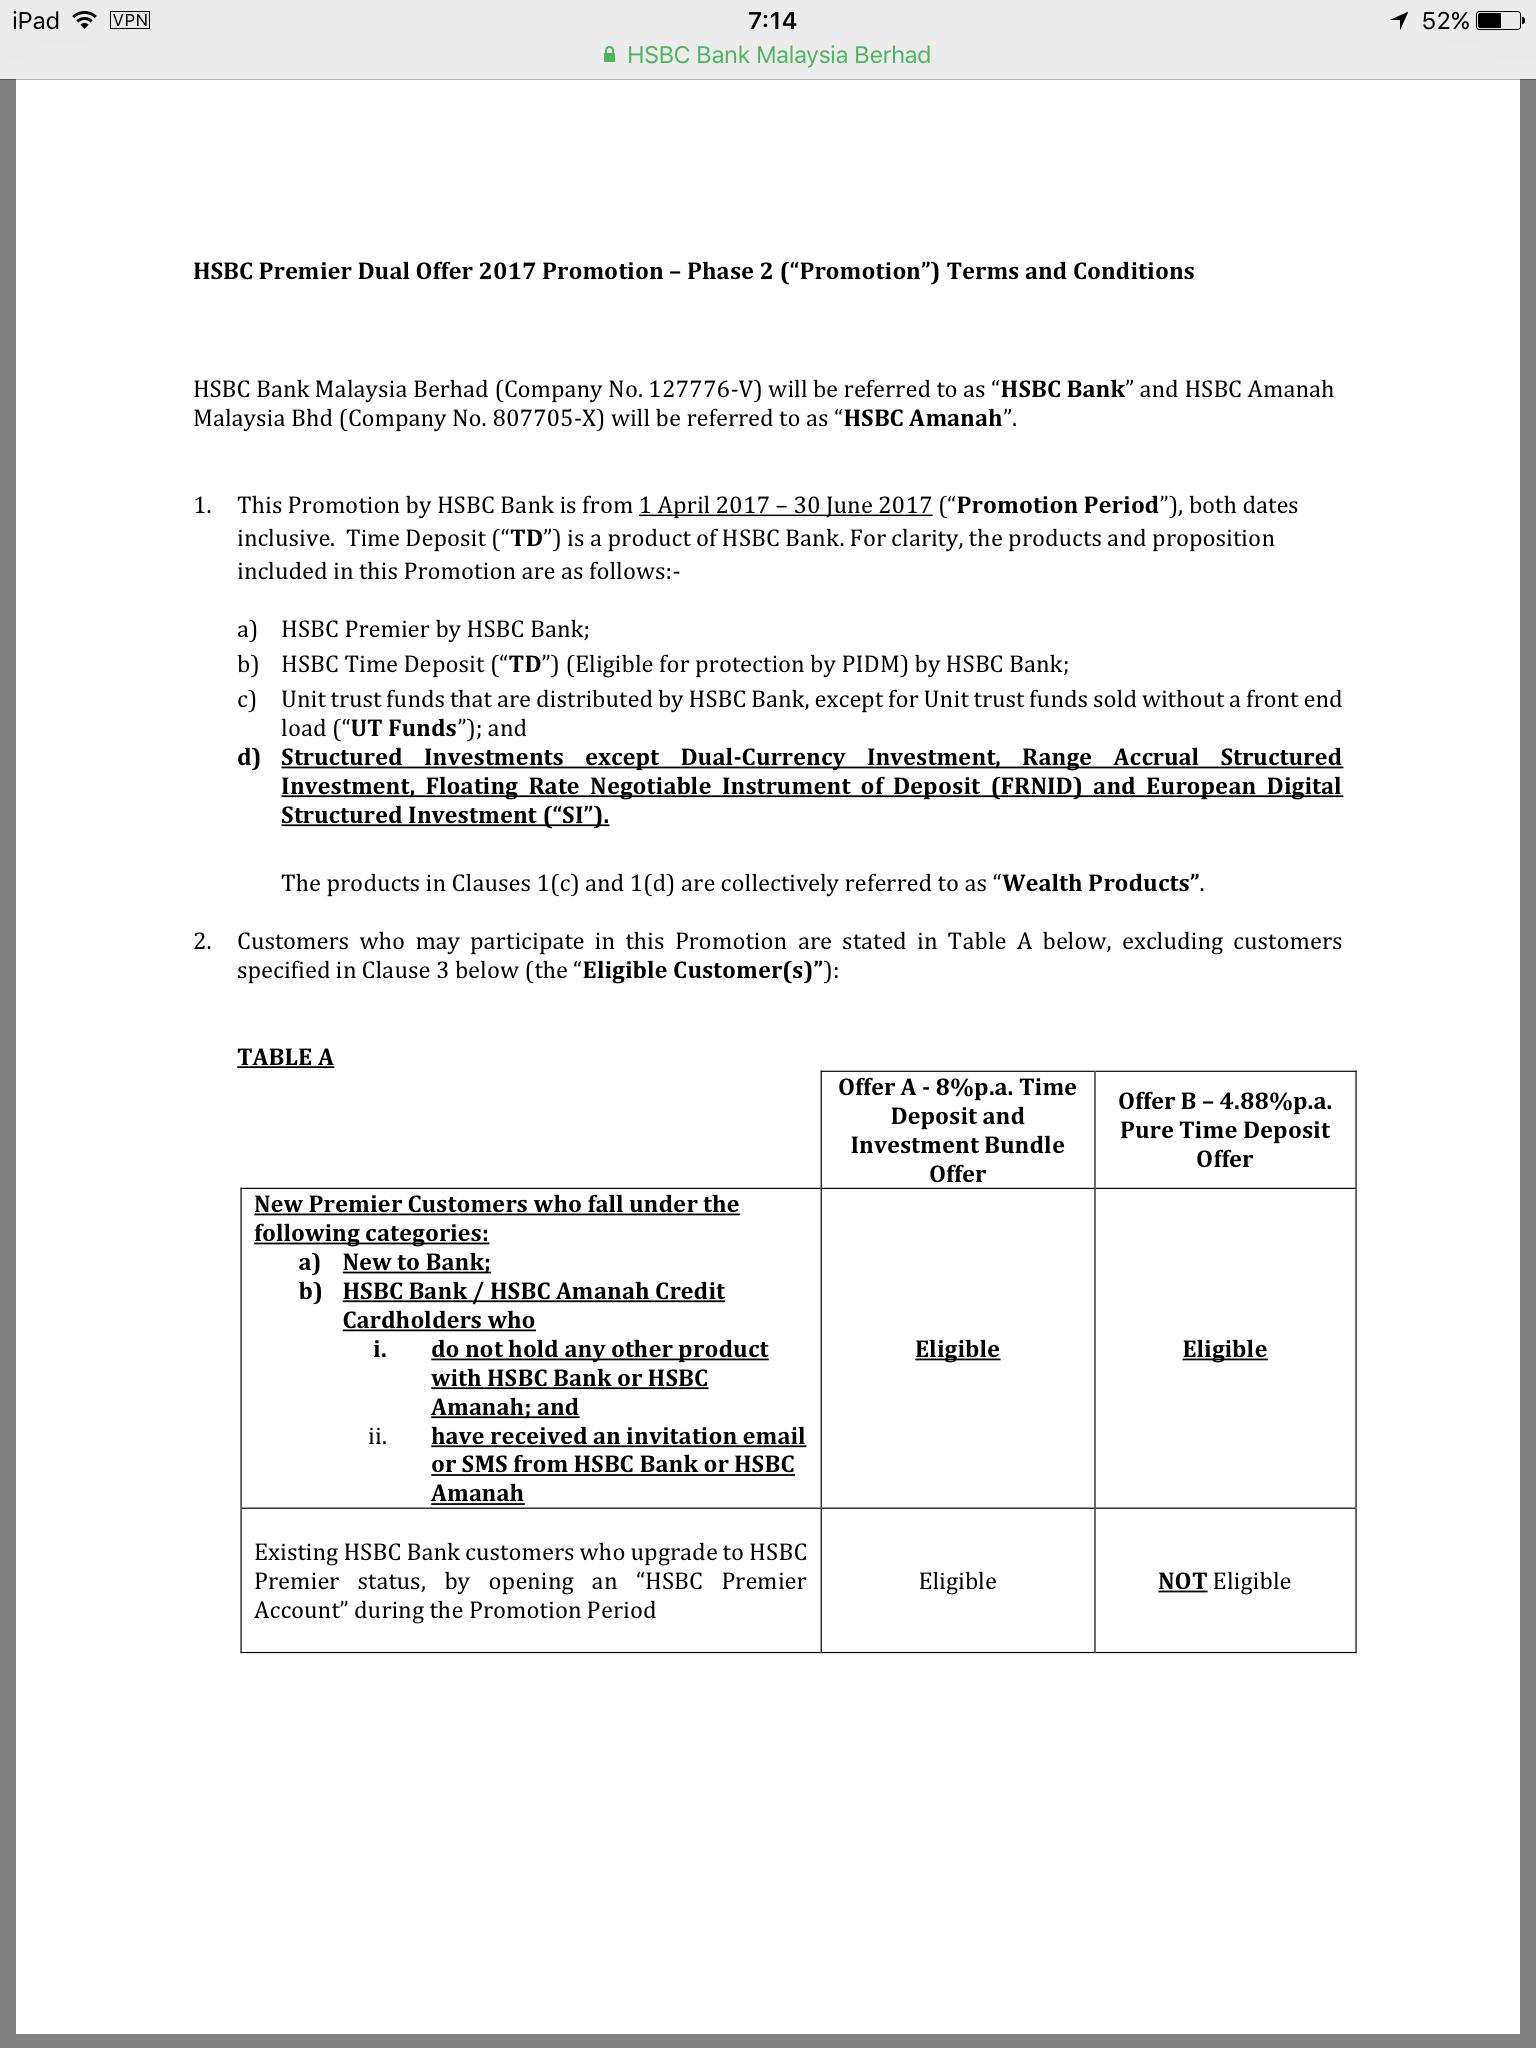 定期預金 金利 年利5 5% - gary1212のブログ : マレーシア、イポーからの